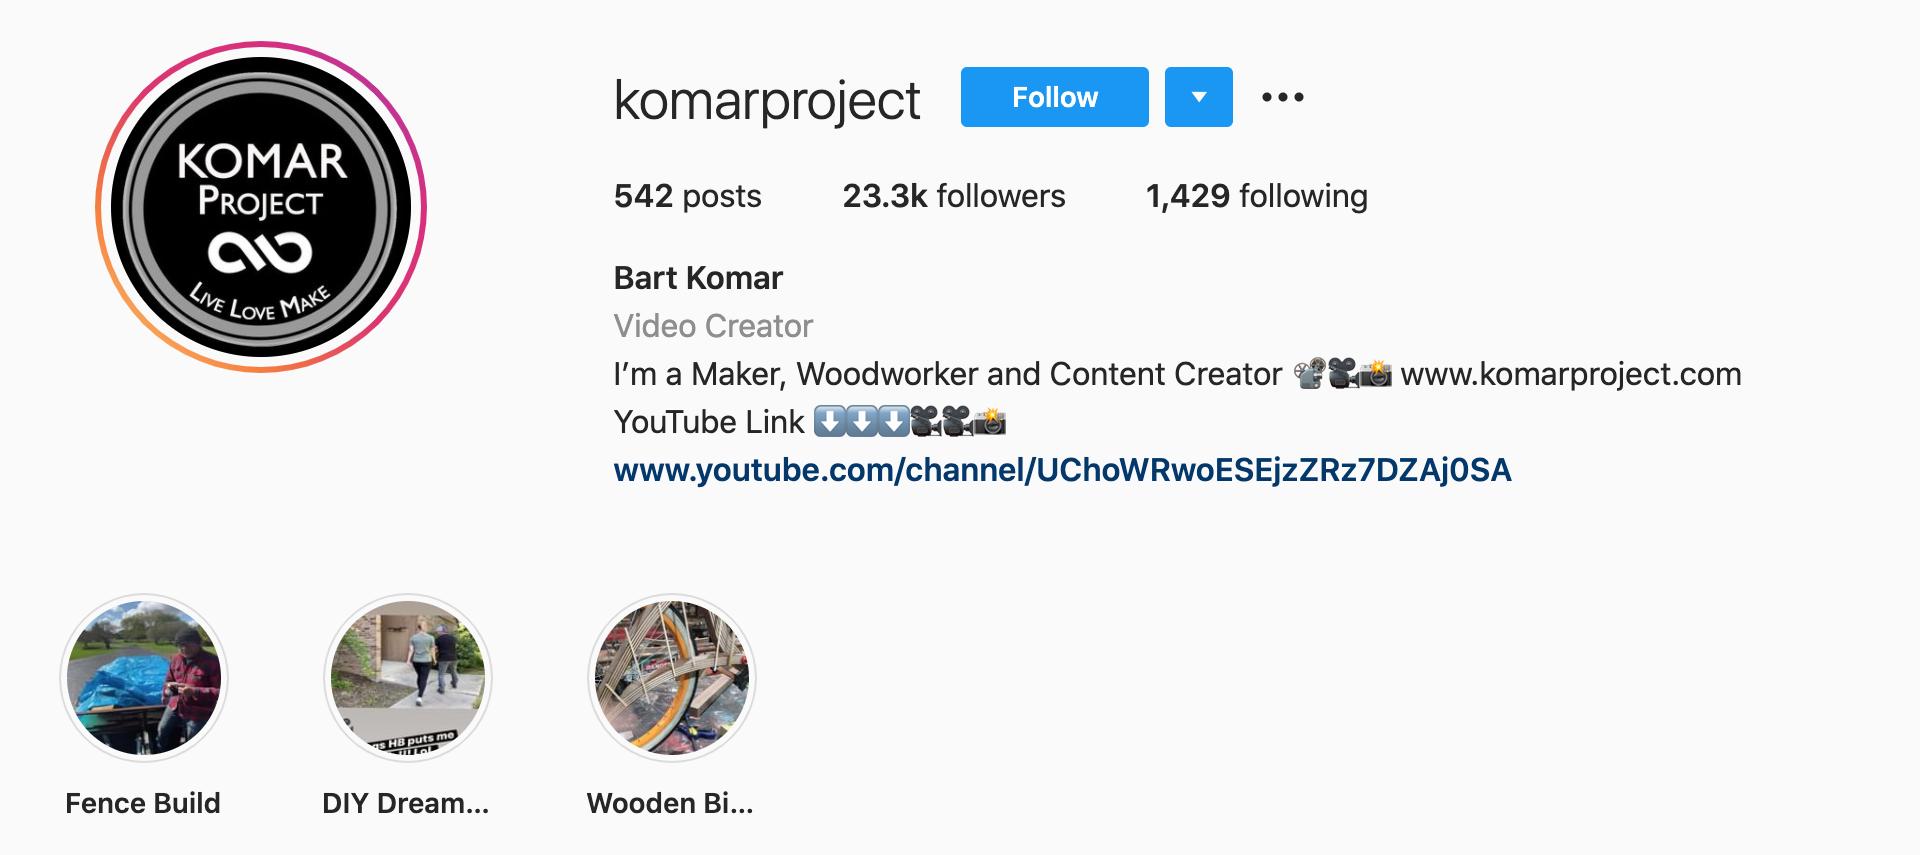 komar-project-instagram-project